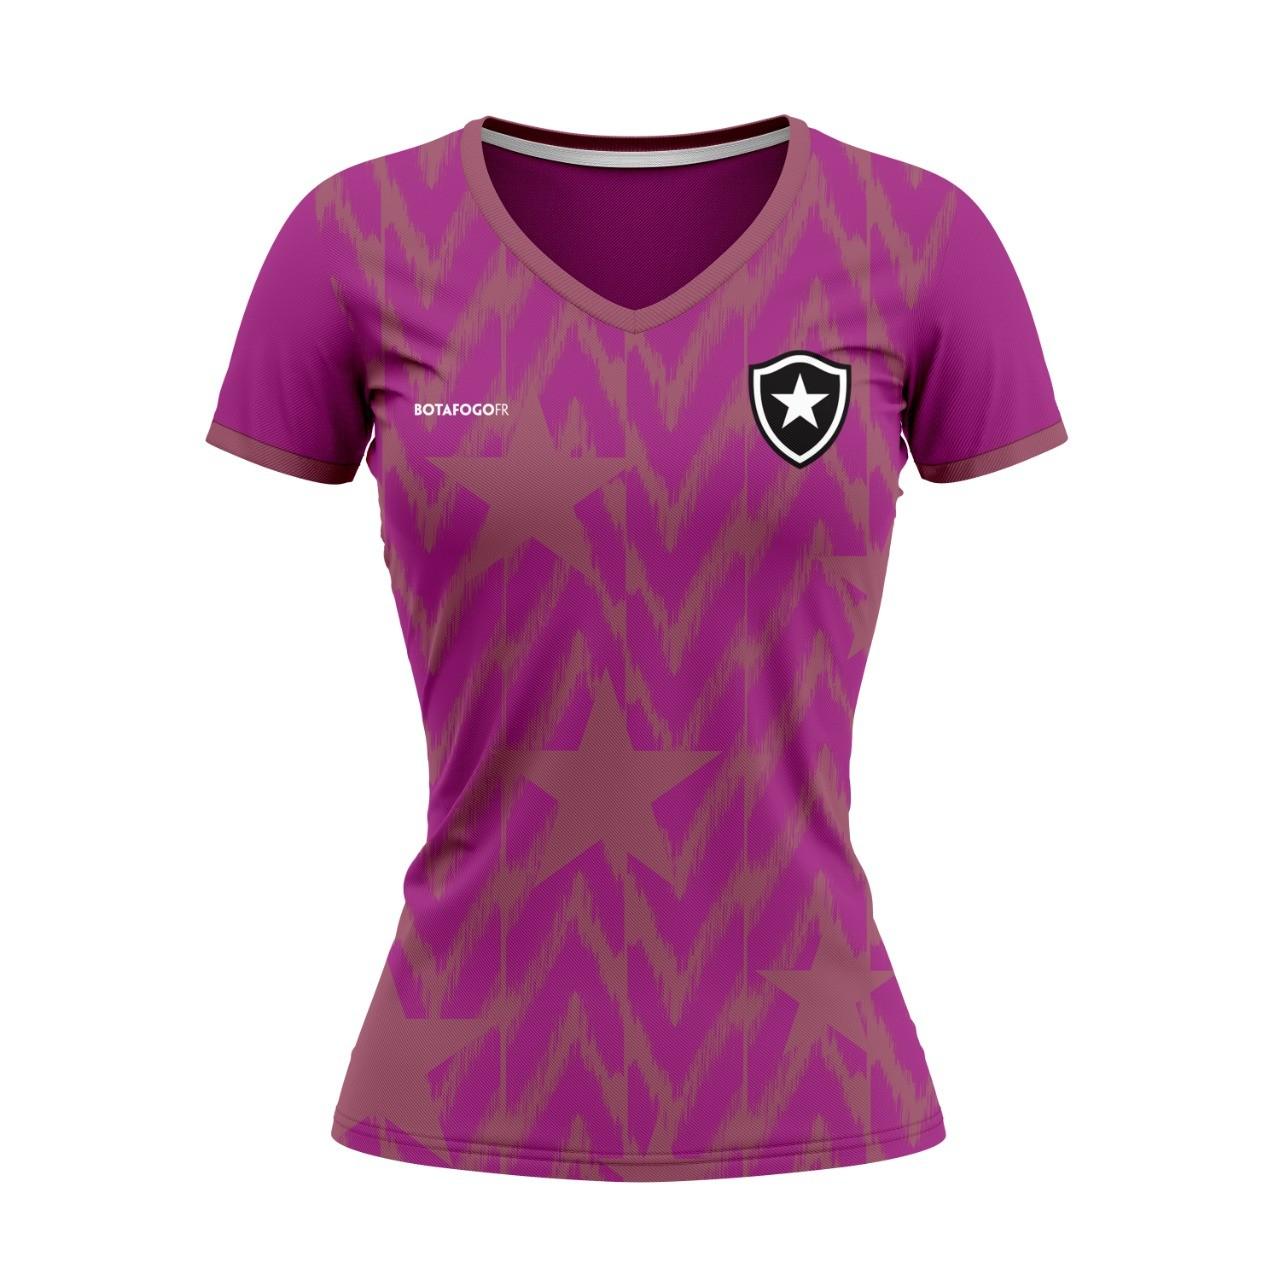 Blusa Botafogo Outubro Rosa - Feminina